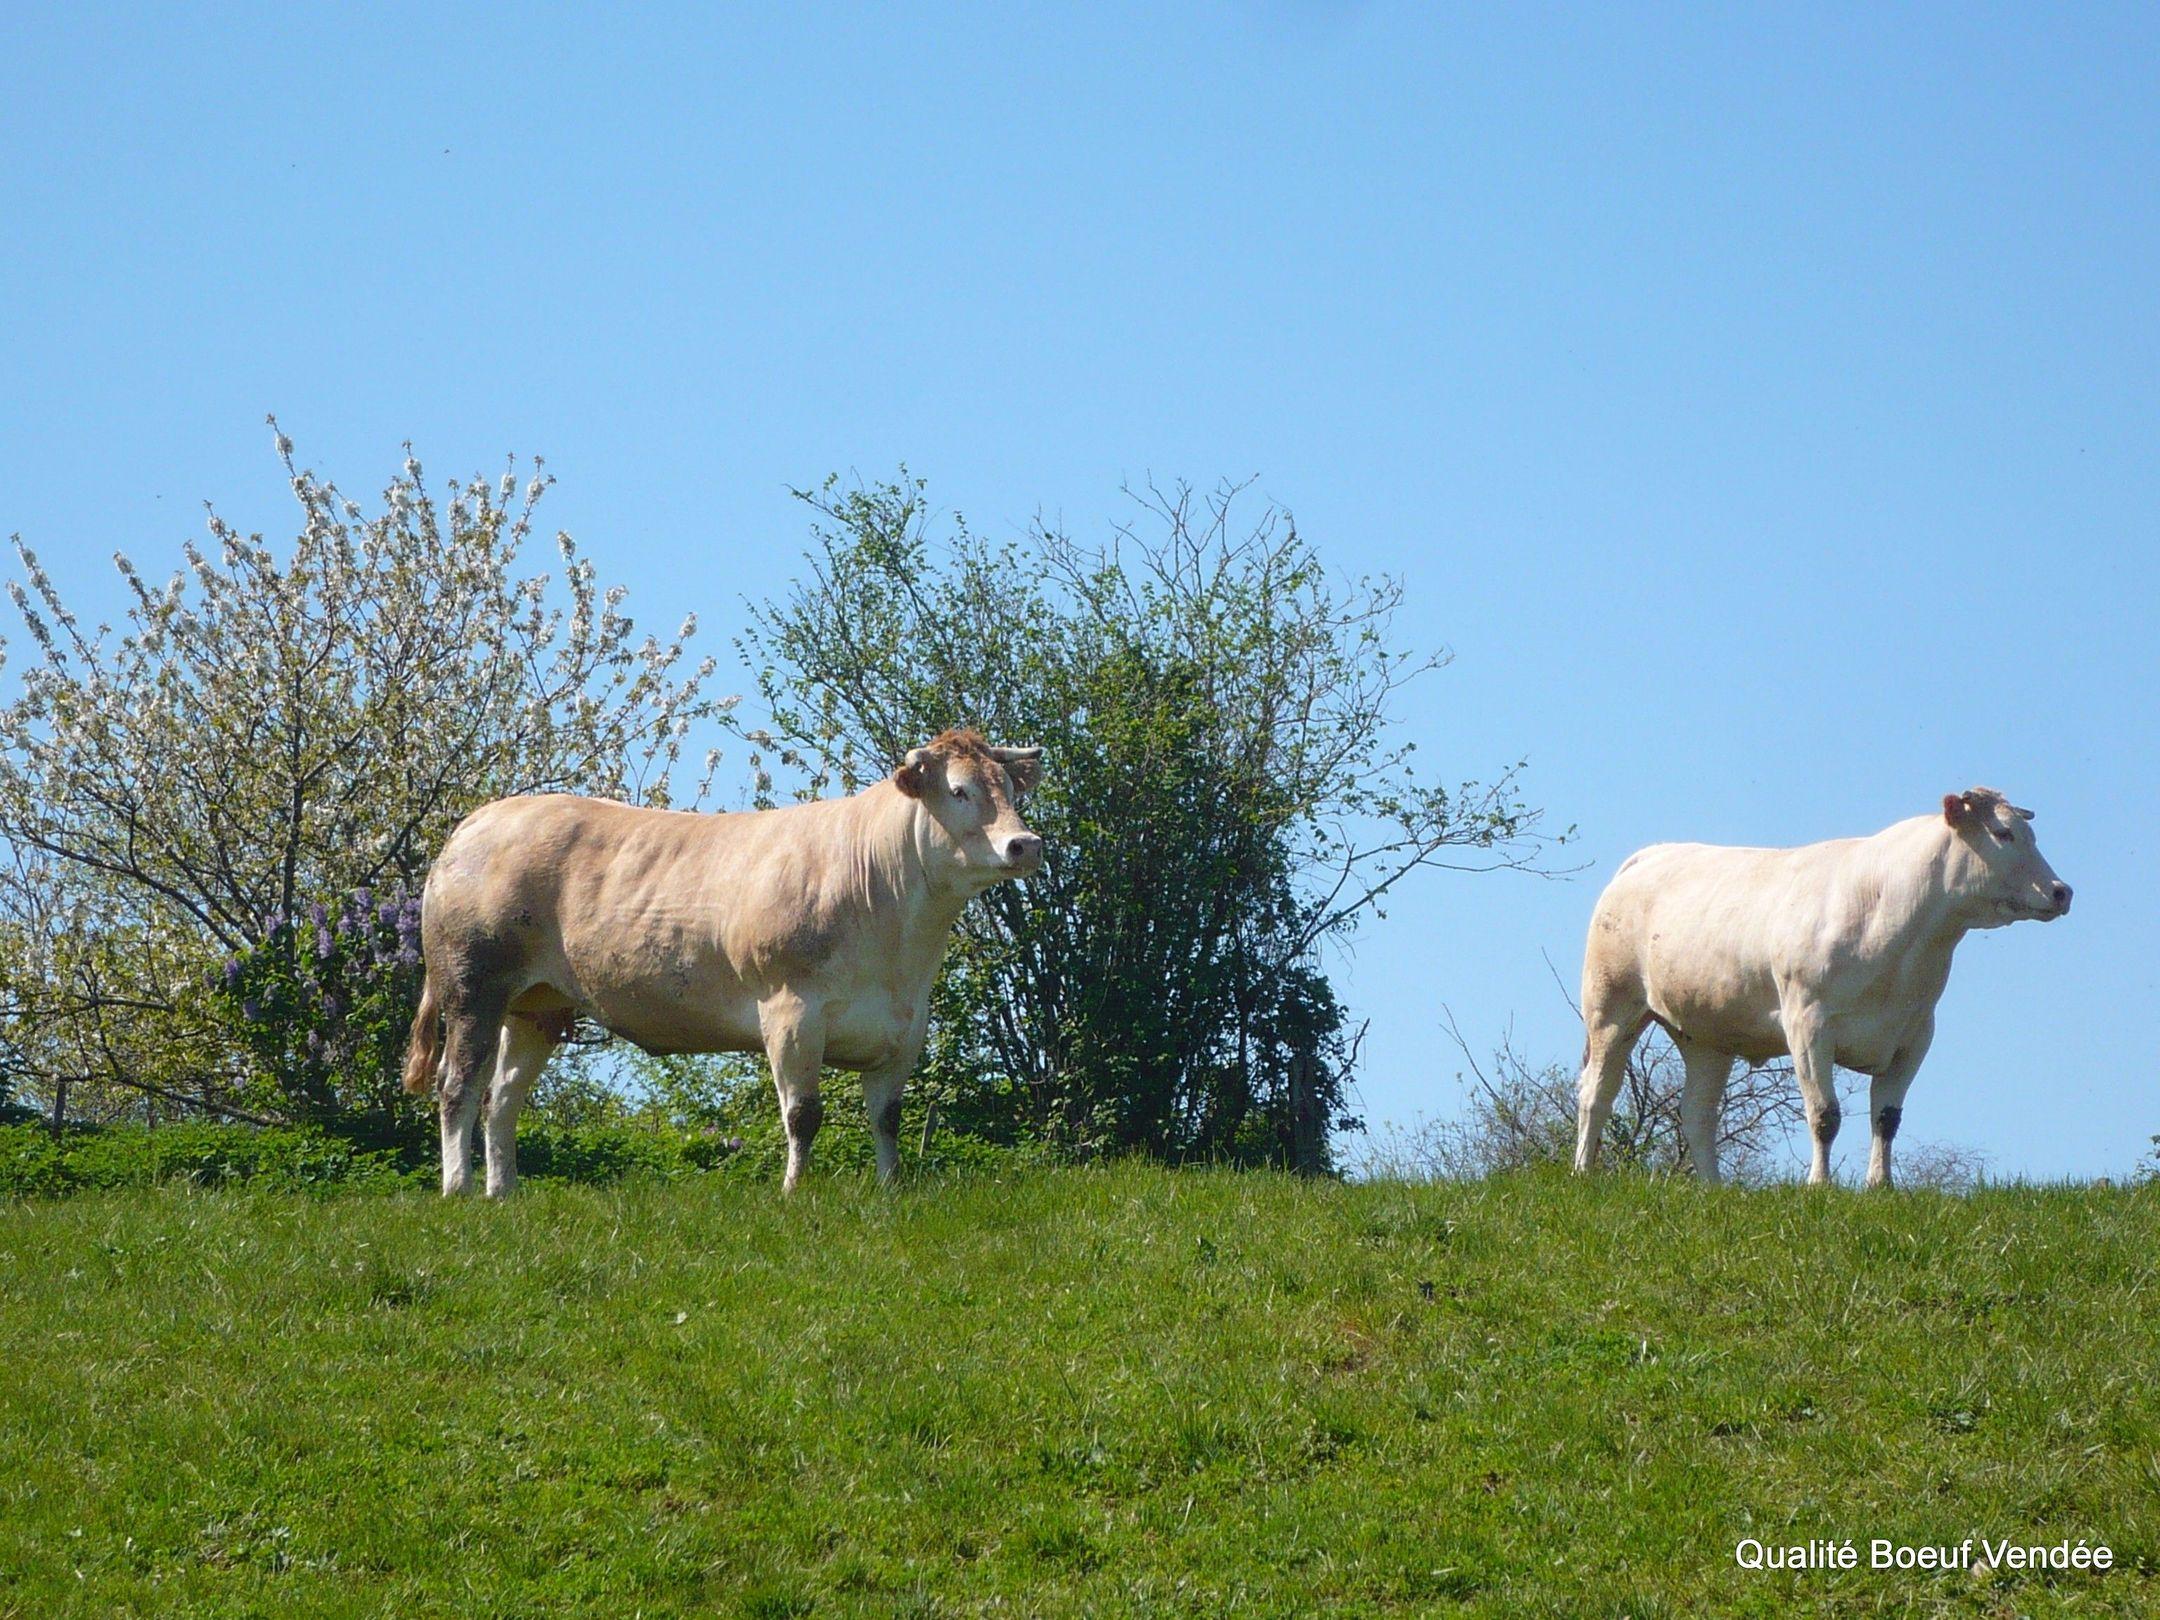 Bœuf de Vendée